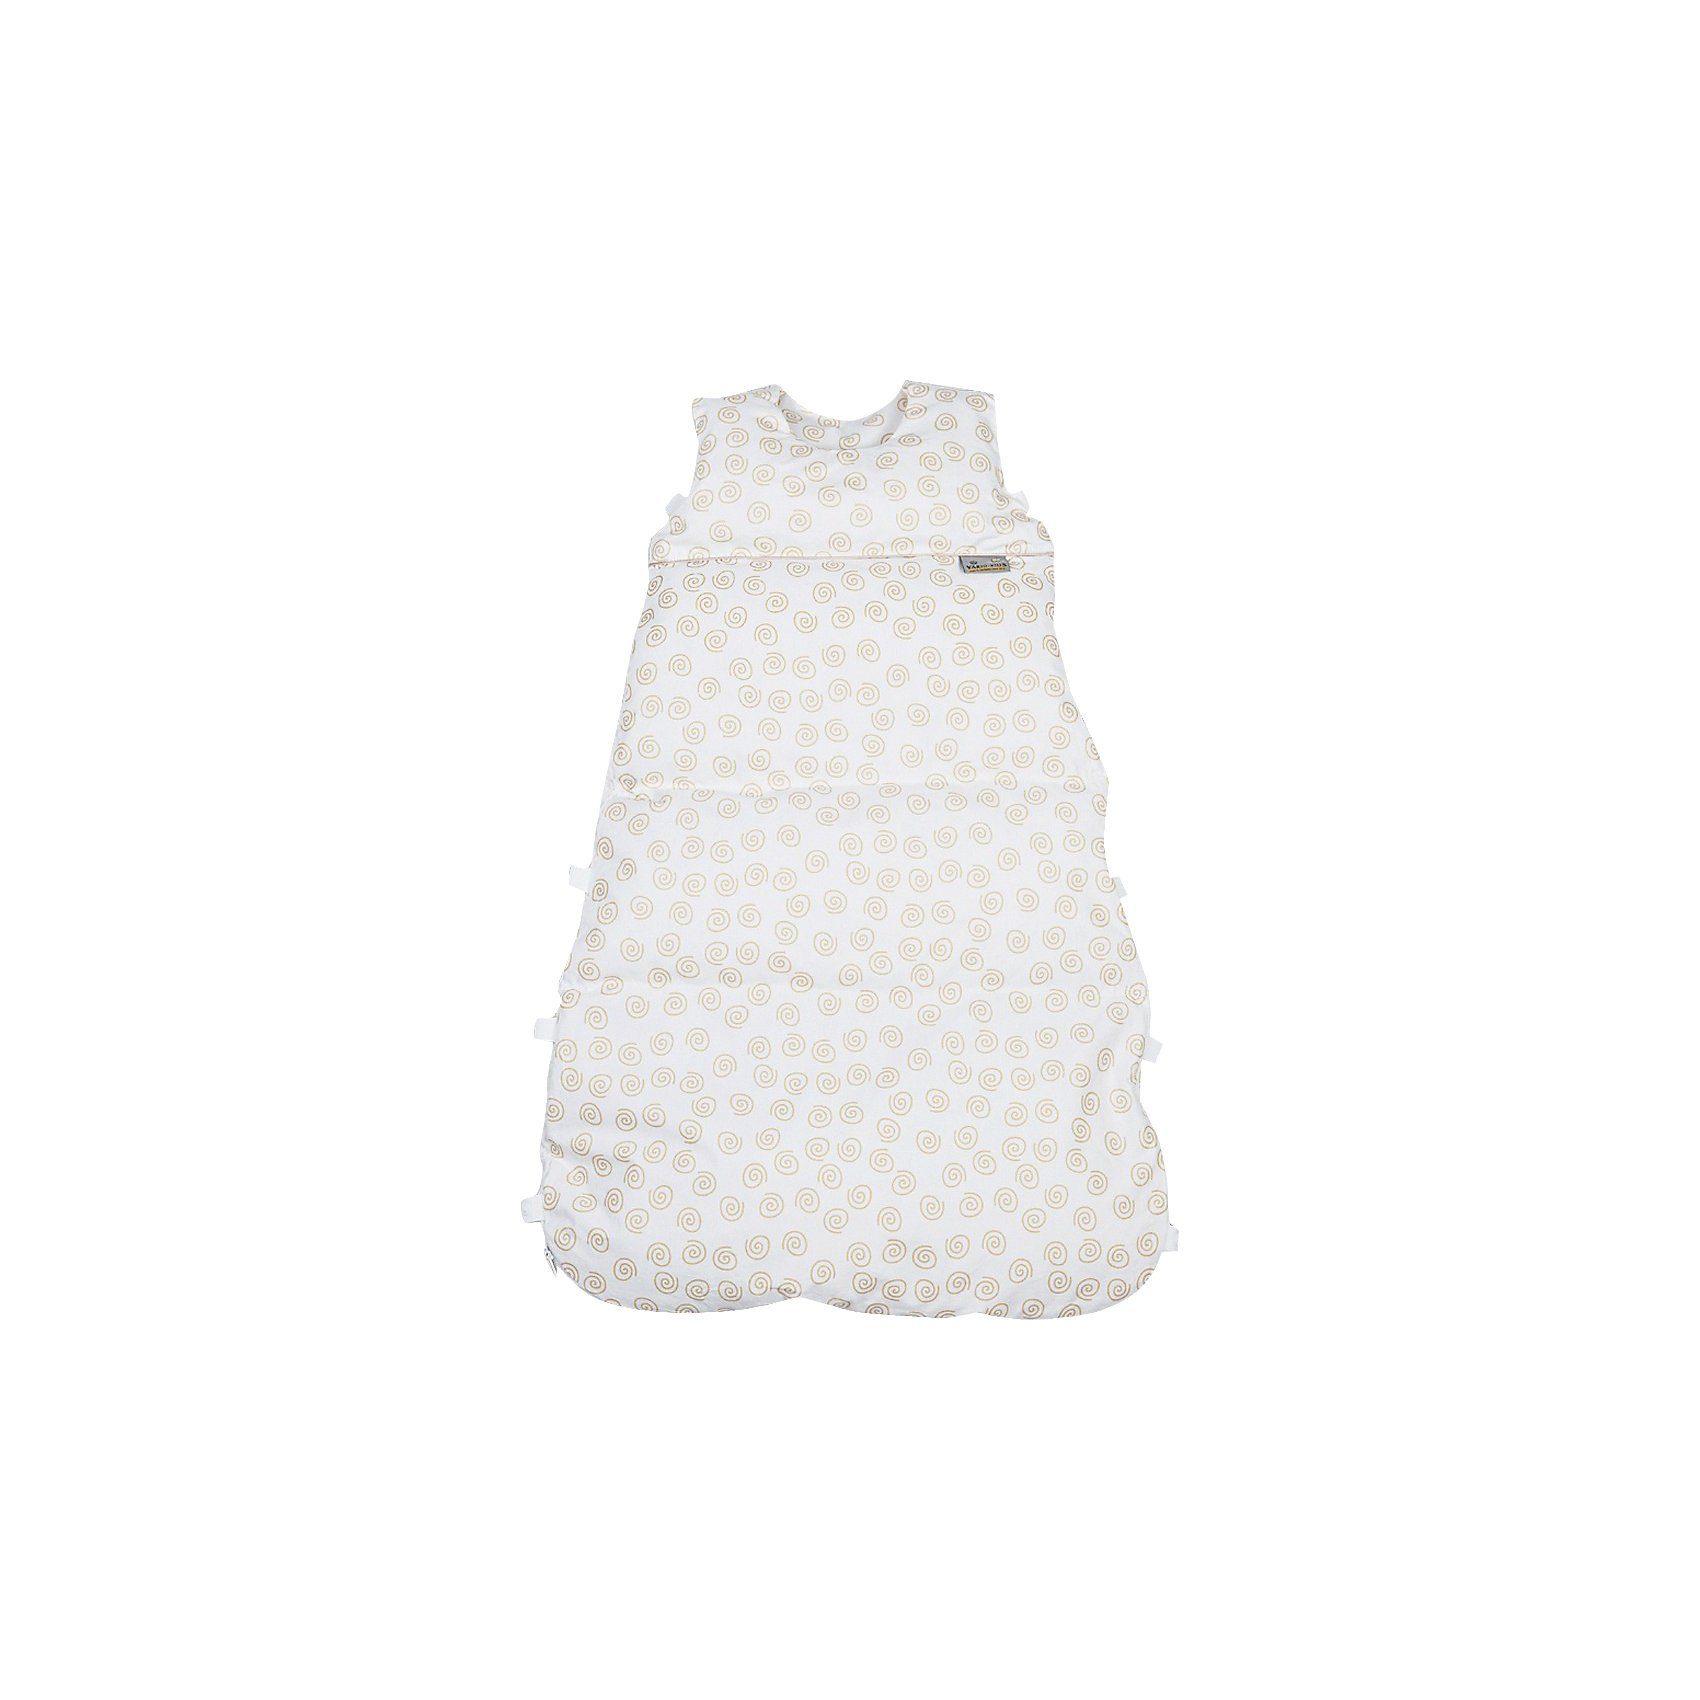 Artländer Schlafsack Climarelle, mit PCM Klima-Kapseln, Schnecke ocker